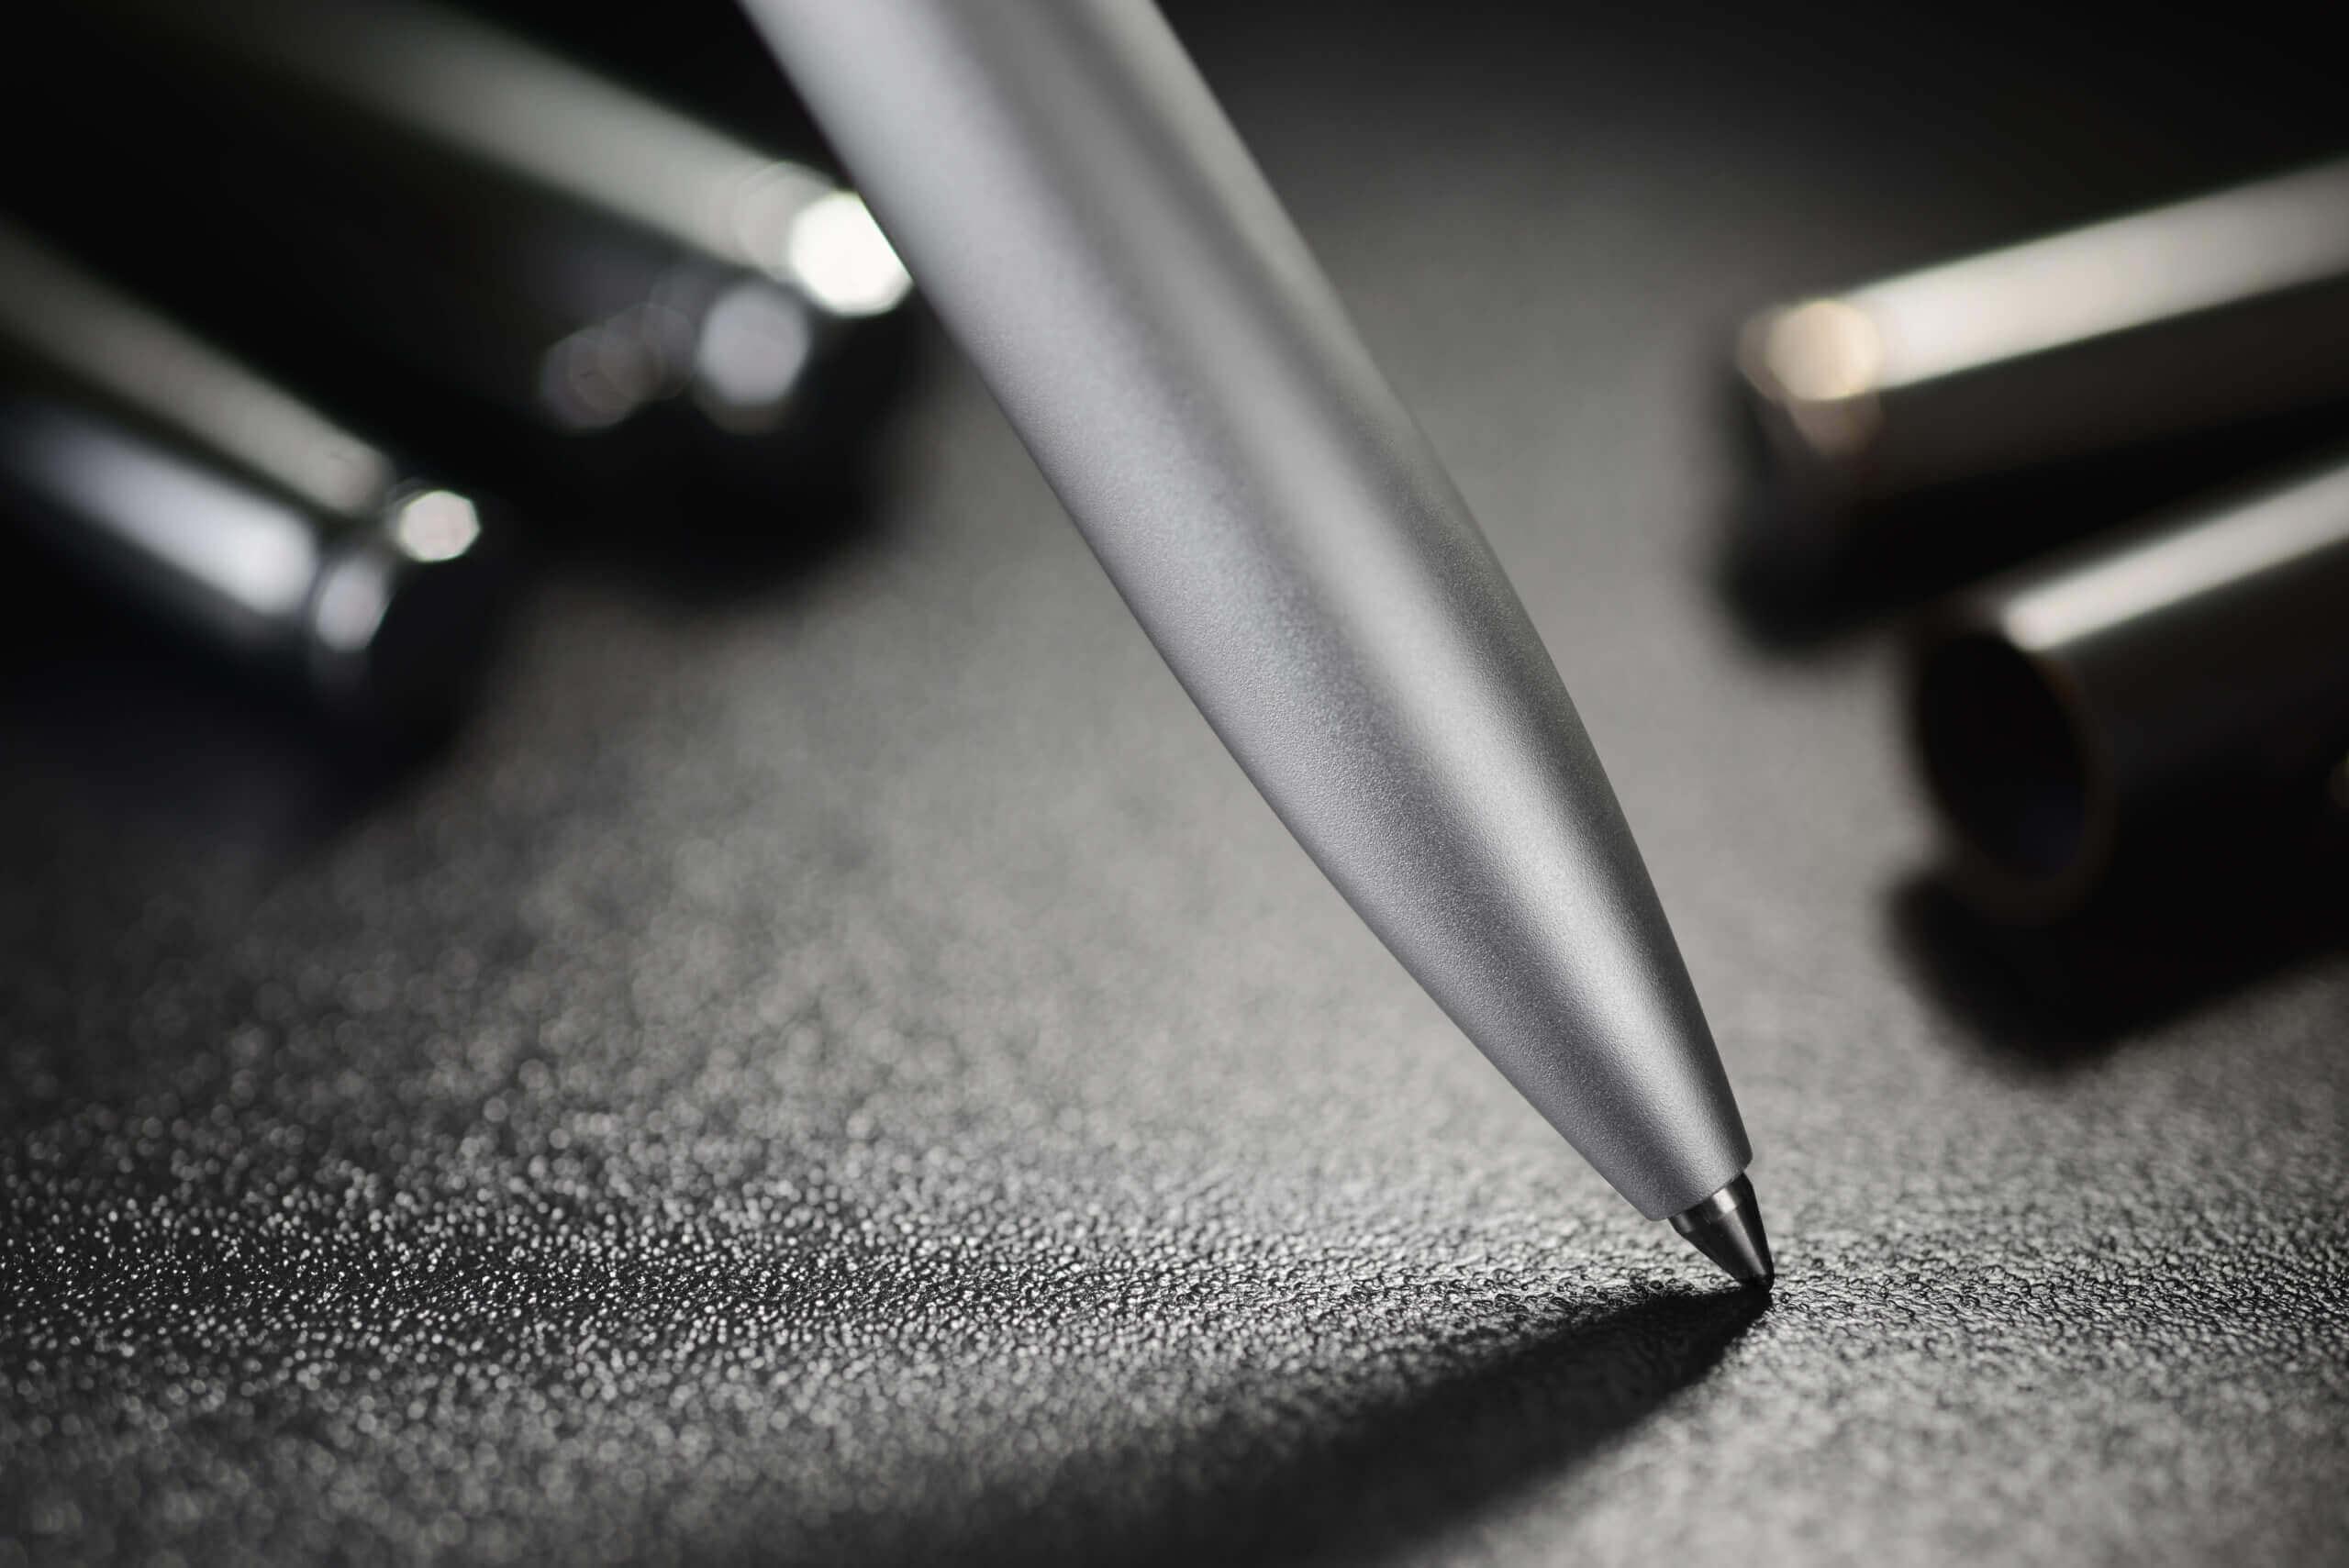 anlagenbau - steel ballpoint pen PLV3249 scaled - HOME